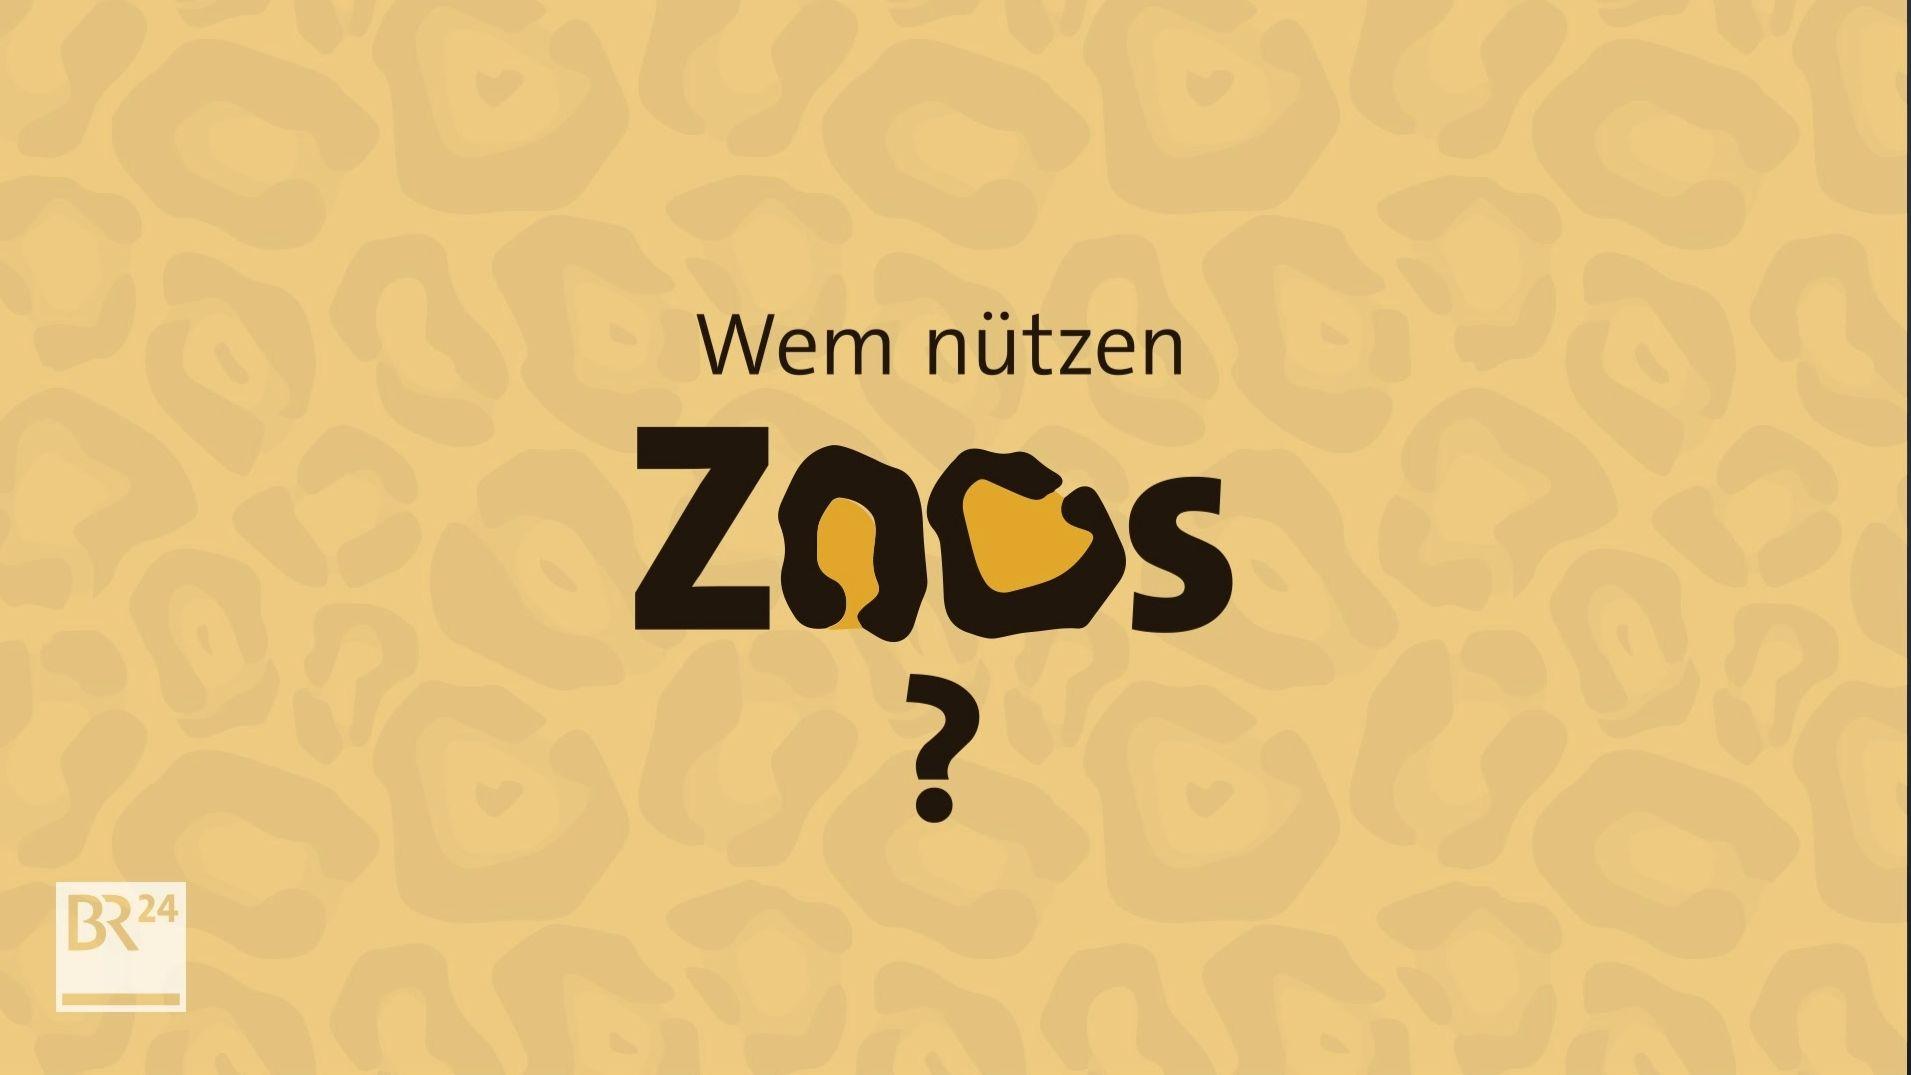 Sind Zoos überhaupt noch zeitgemäß? #fragBR24 erklärt